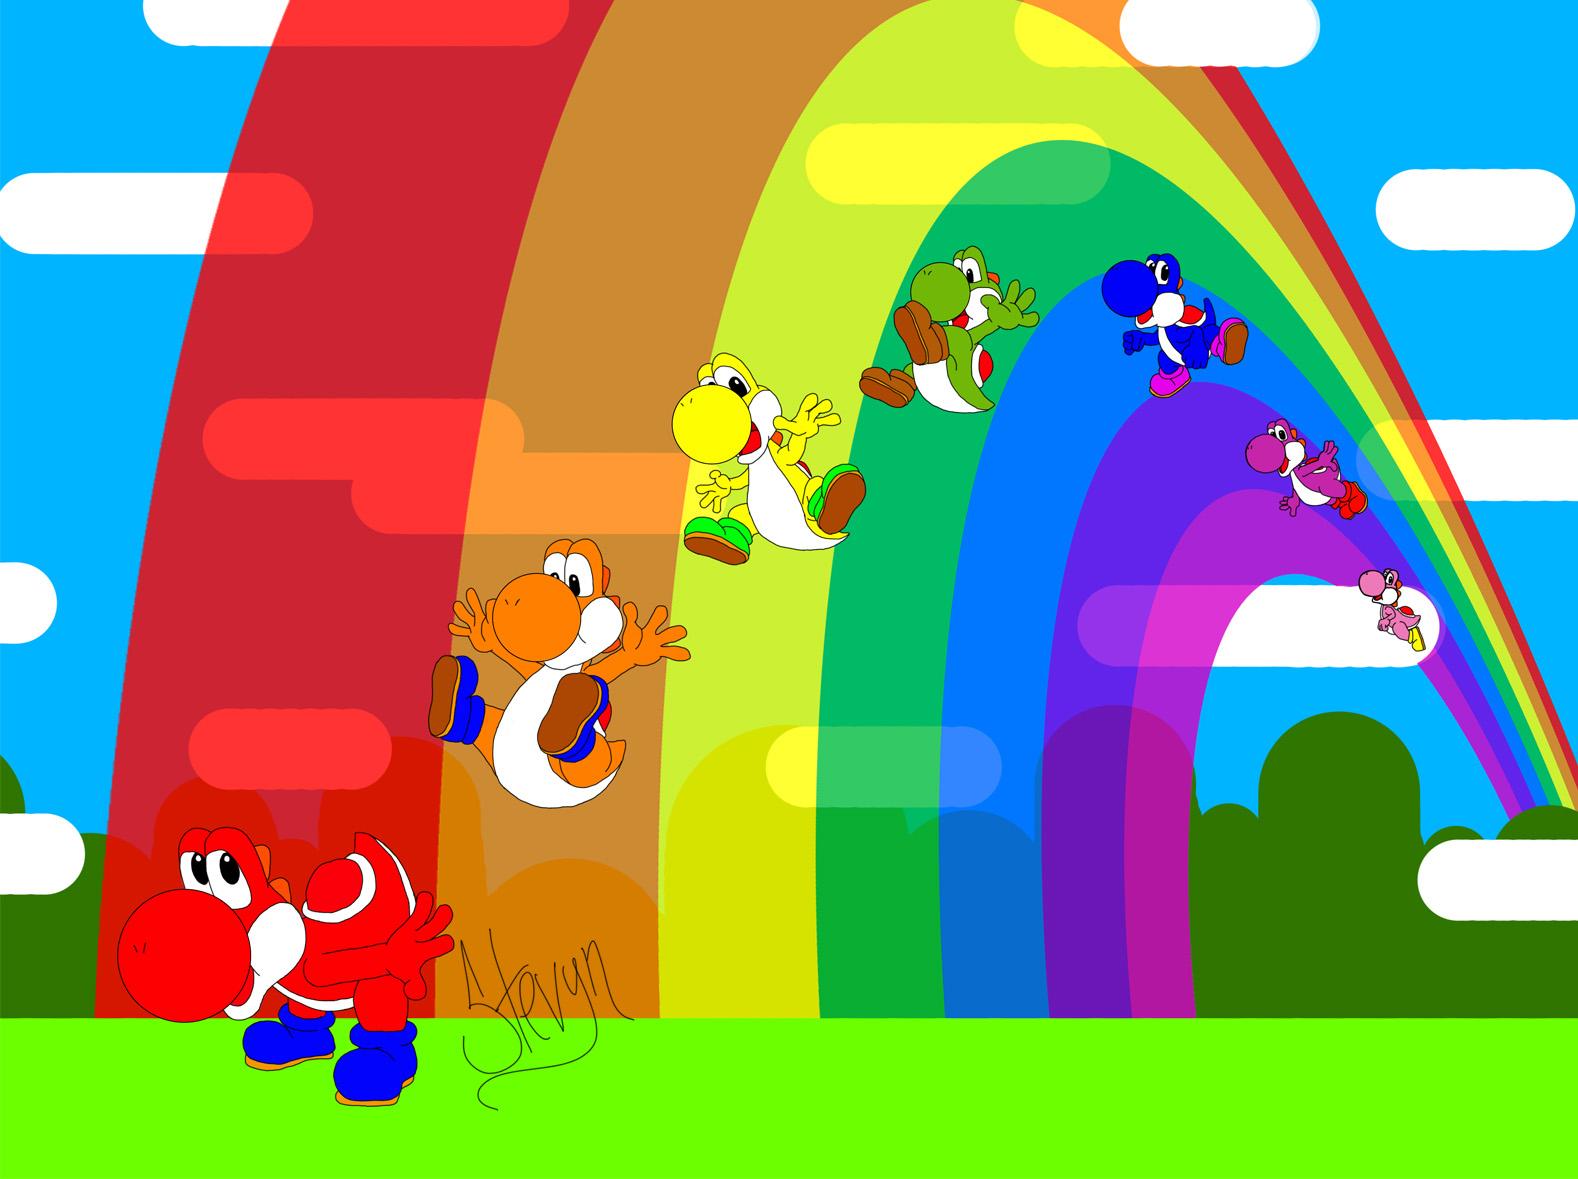 Yoshi's Rainbow